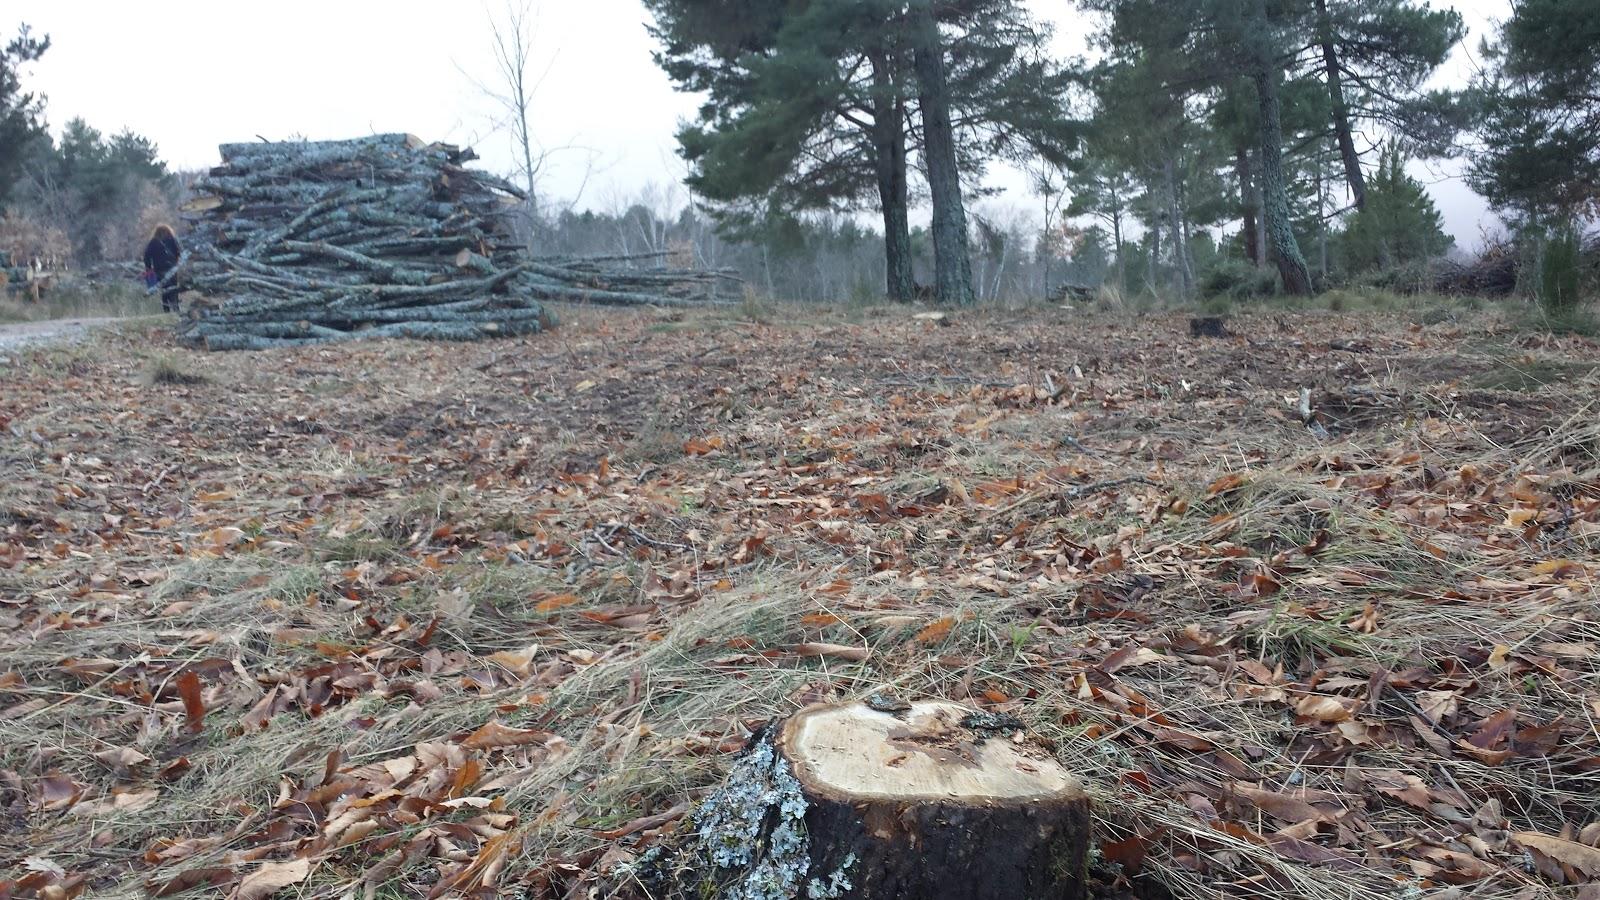 imagene de la tala masiva realizada en el parque de los pinos